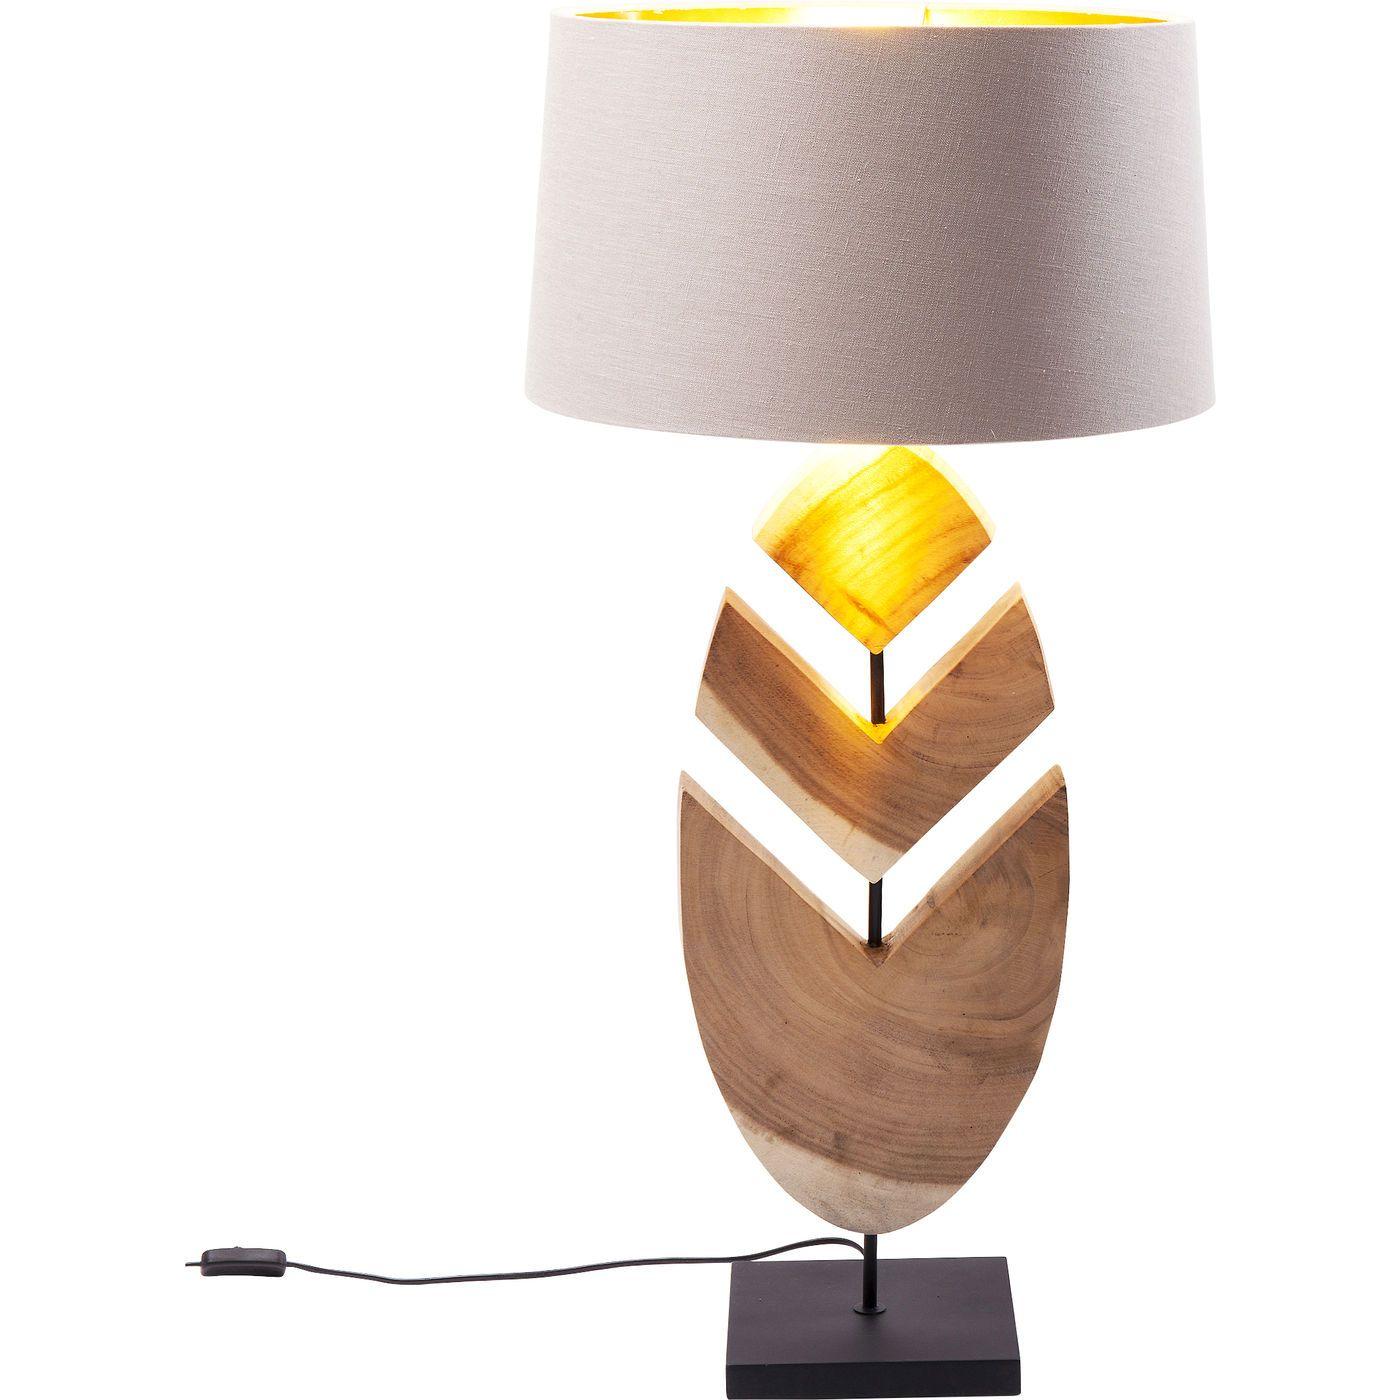 Lampara Mesa Feather Kare Design Colombia Muebles Accesorios Decoracion En 2020 Lampara Lamparas De Pared Lamparas De Mesa